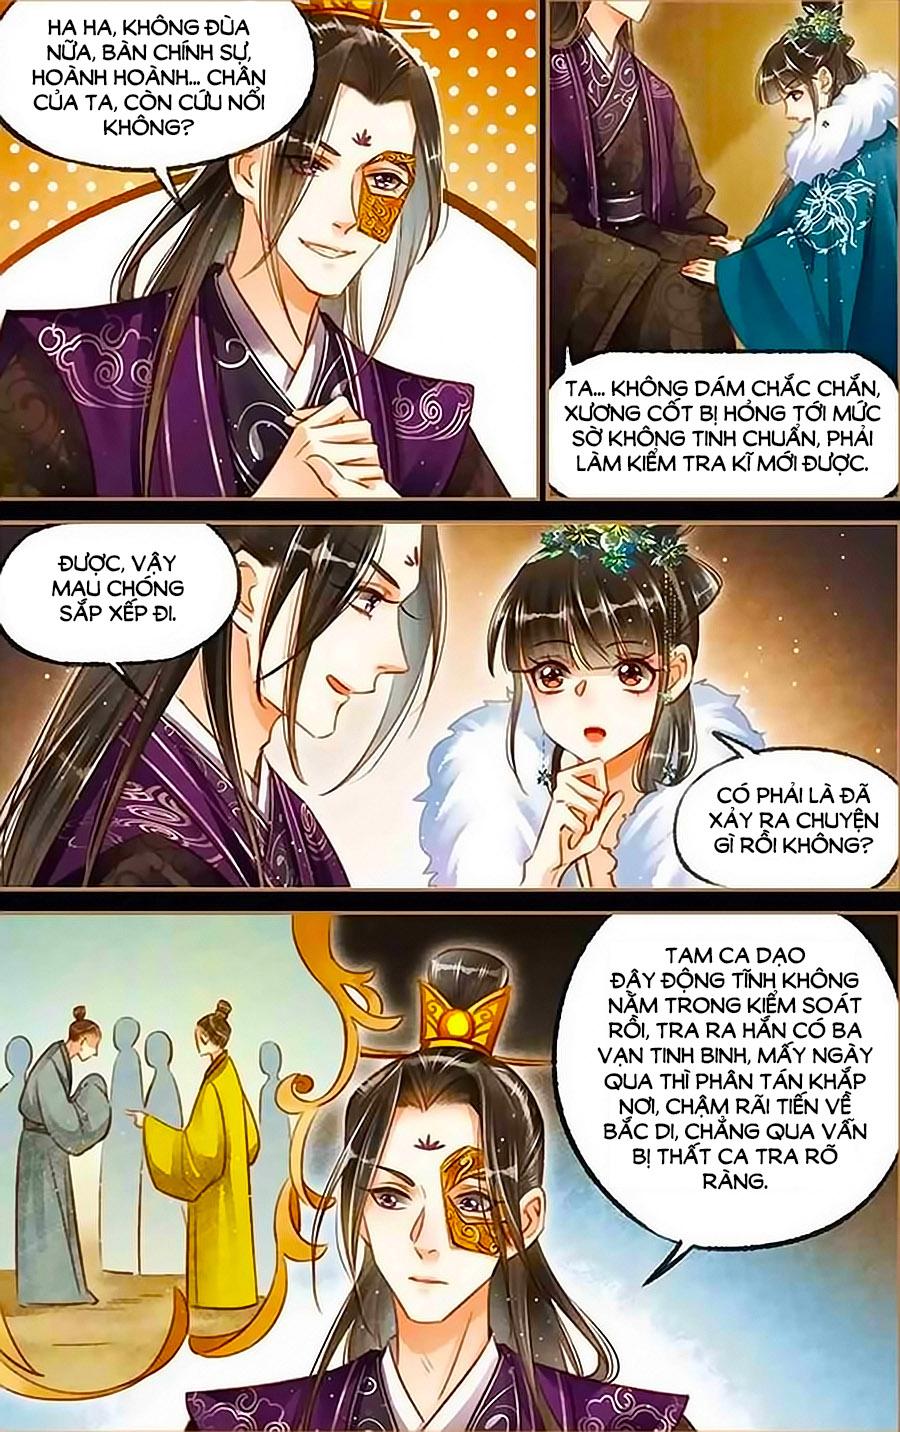 Thần Y Đích Nữ chap 114 - Trang 4